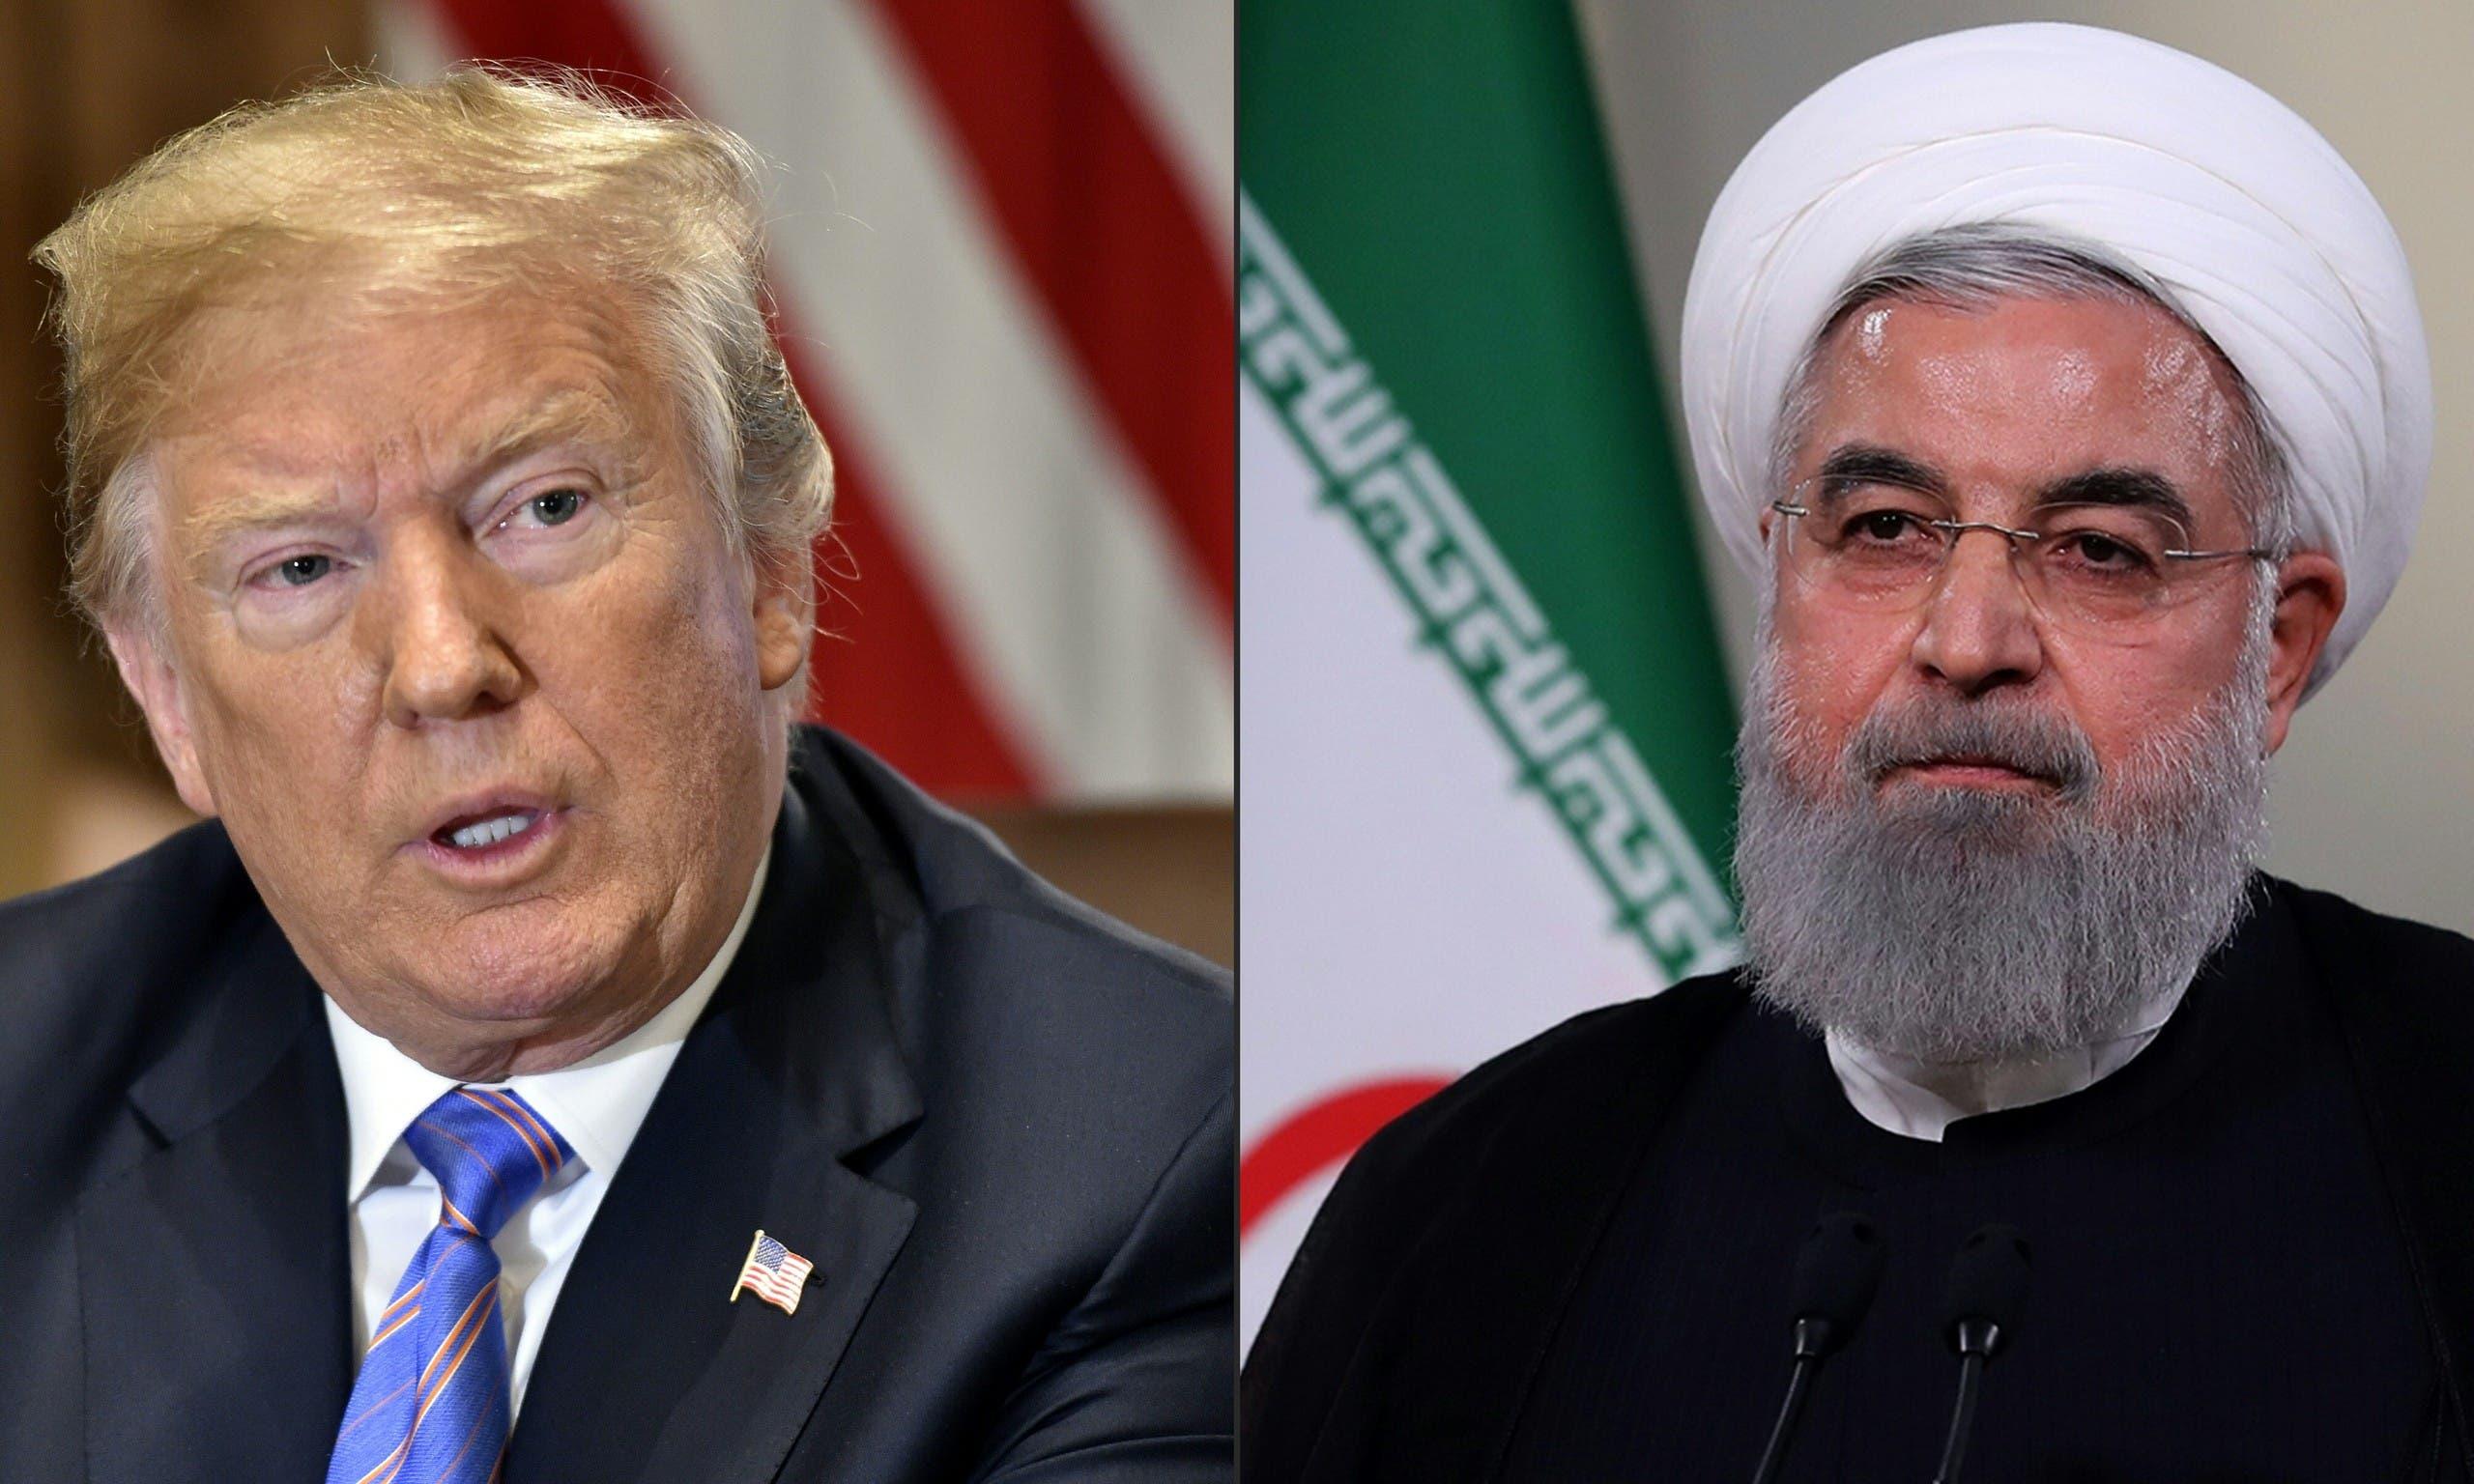 الرئيسان الإيراني حسن روحاني والأميركي دونالد ترمب